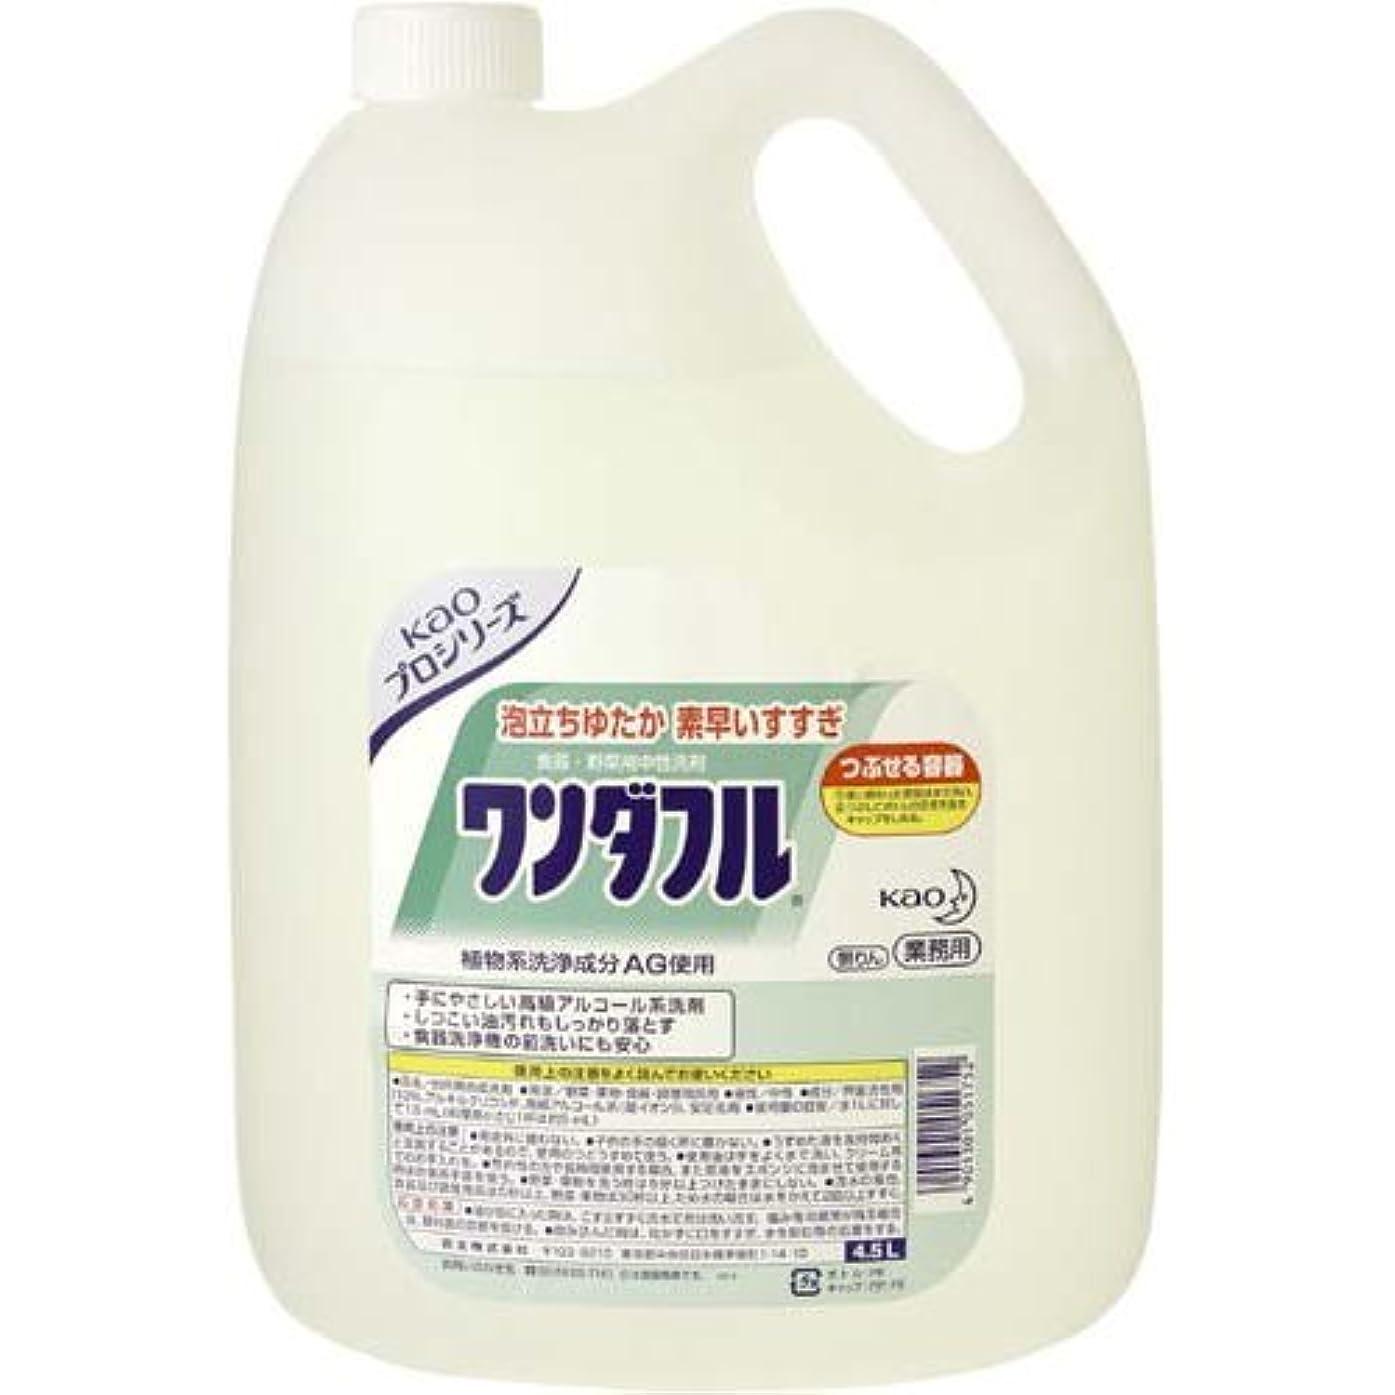 シャー賢い威信花王 業務用食器洗い洗剤 ワンダフル 4.5L×4本